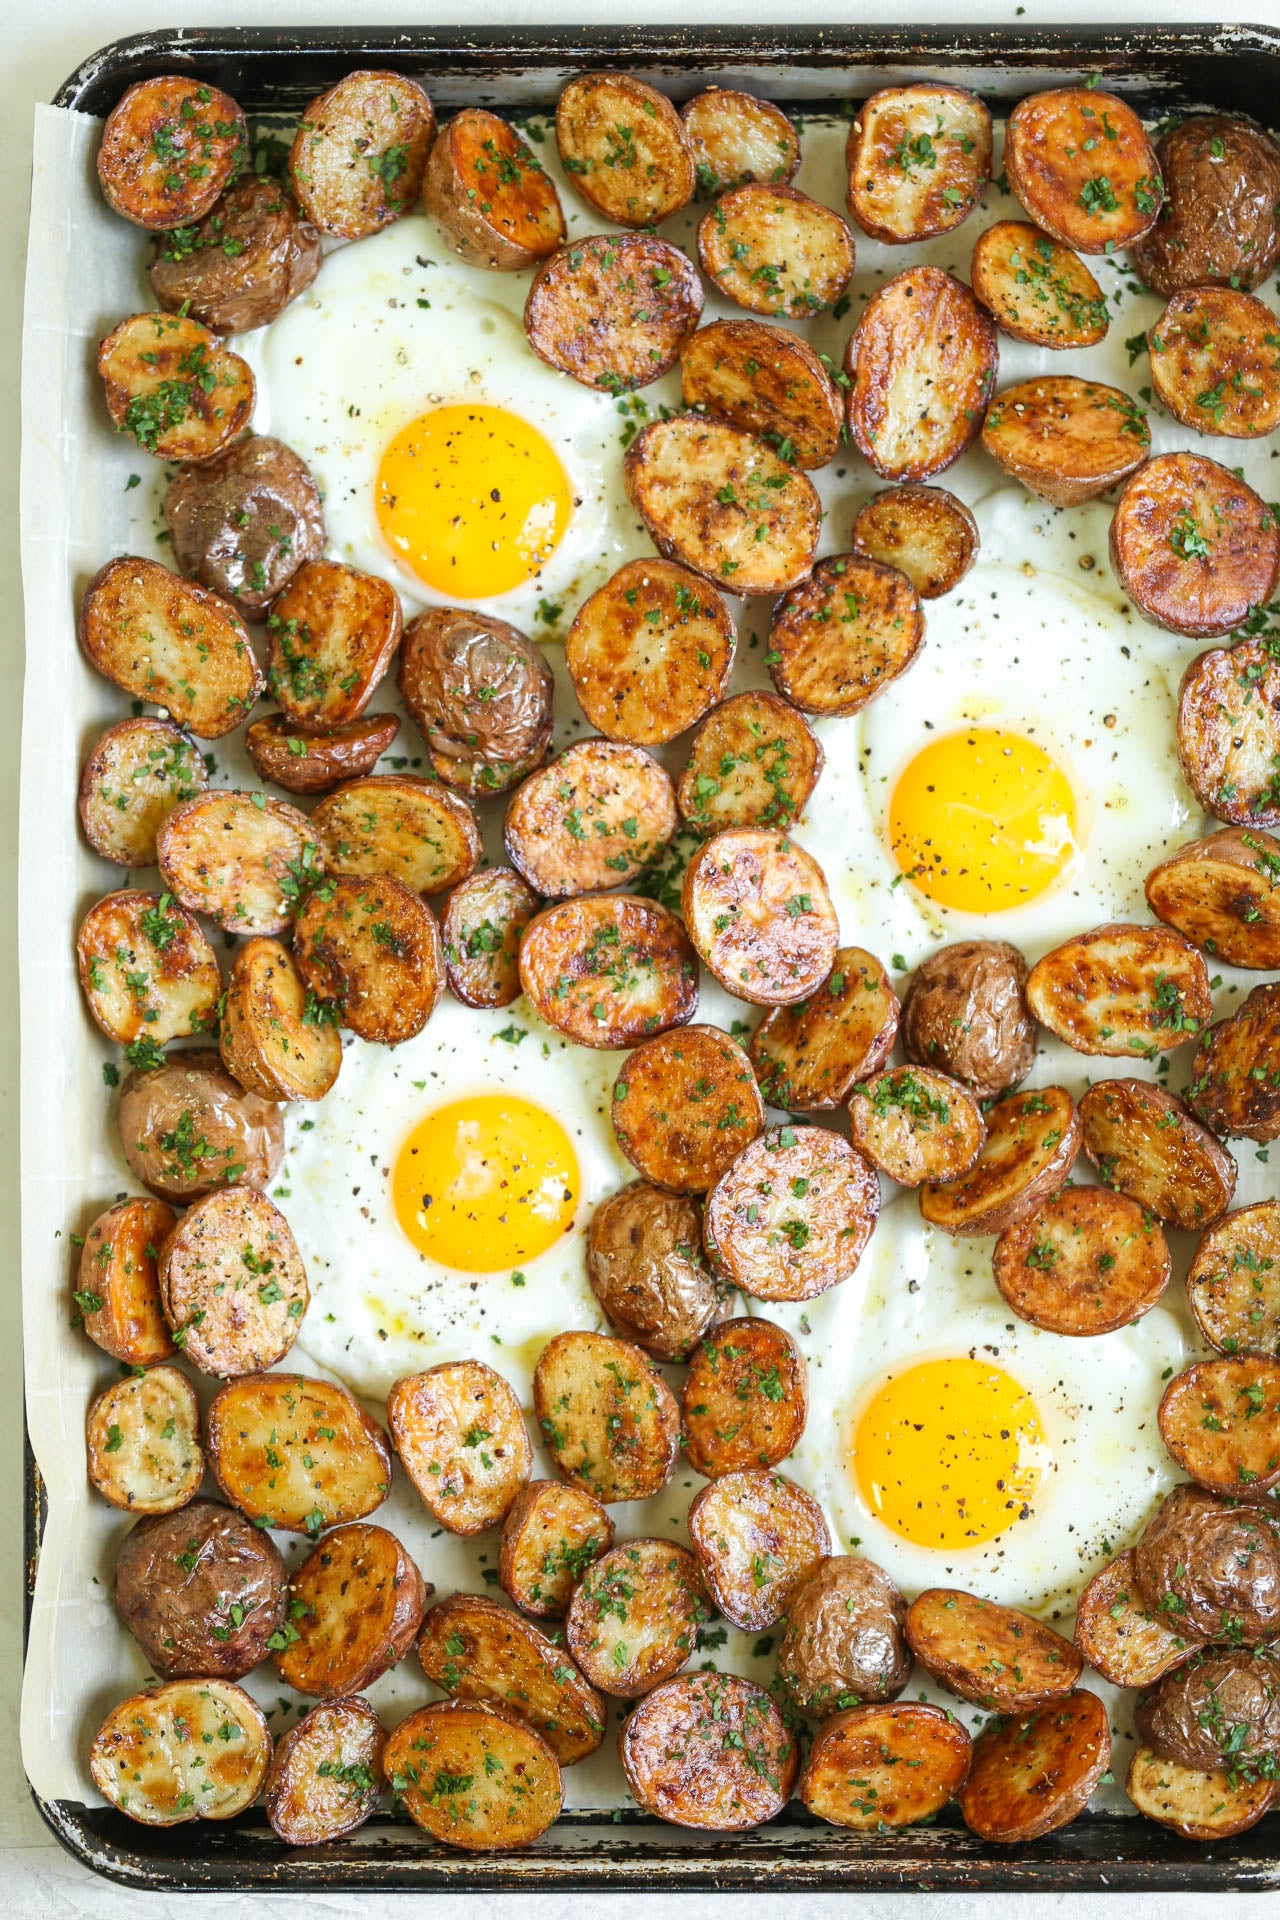 roasted-potatoes-eggs-sheet-pan